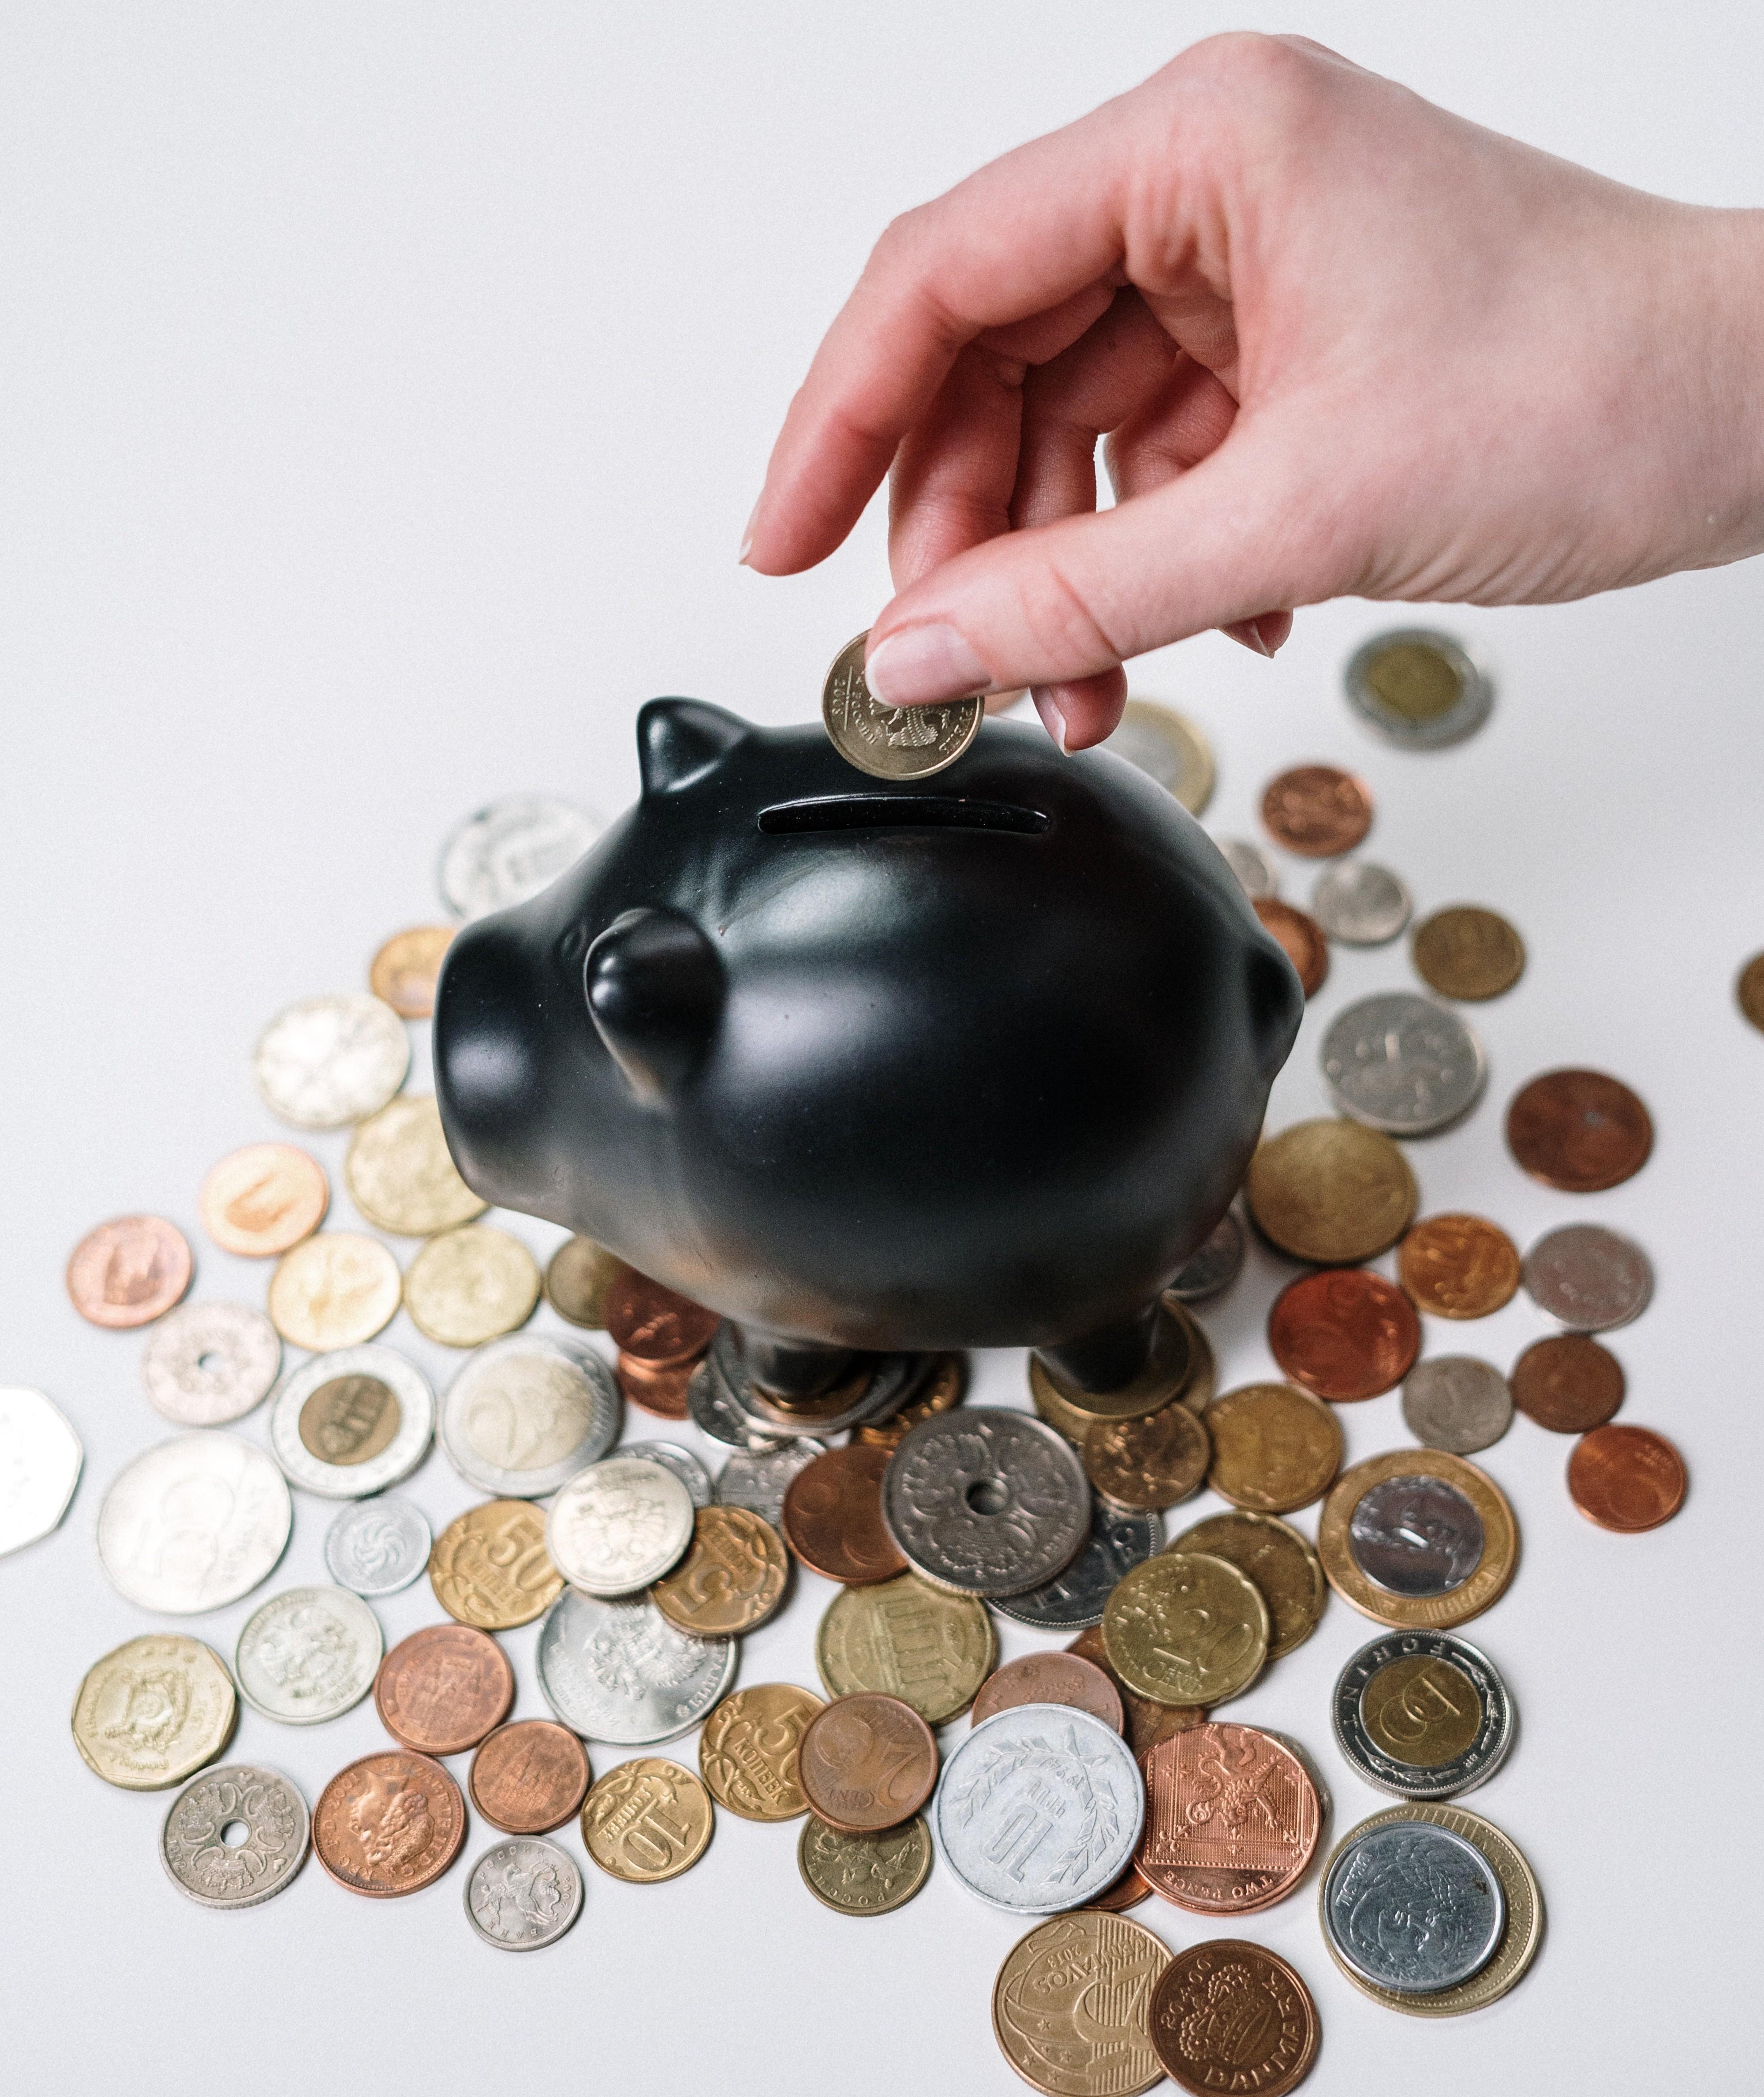 理財,安全準備金,失業,財務,學貸,金融海嘯,甘蔗世代,儲蓄,現金,變現,安全網